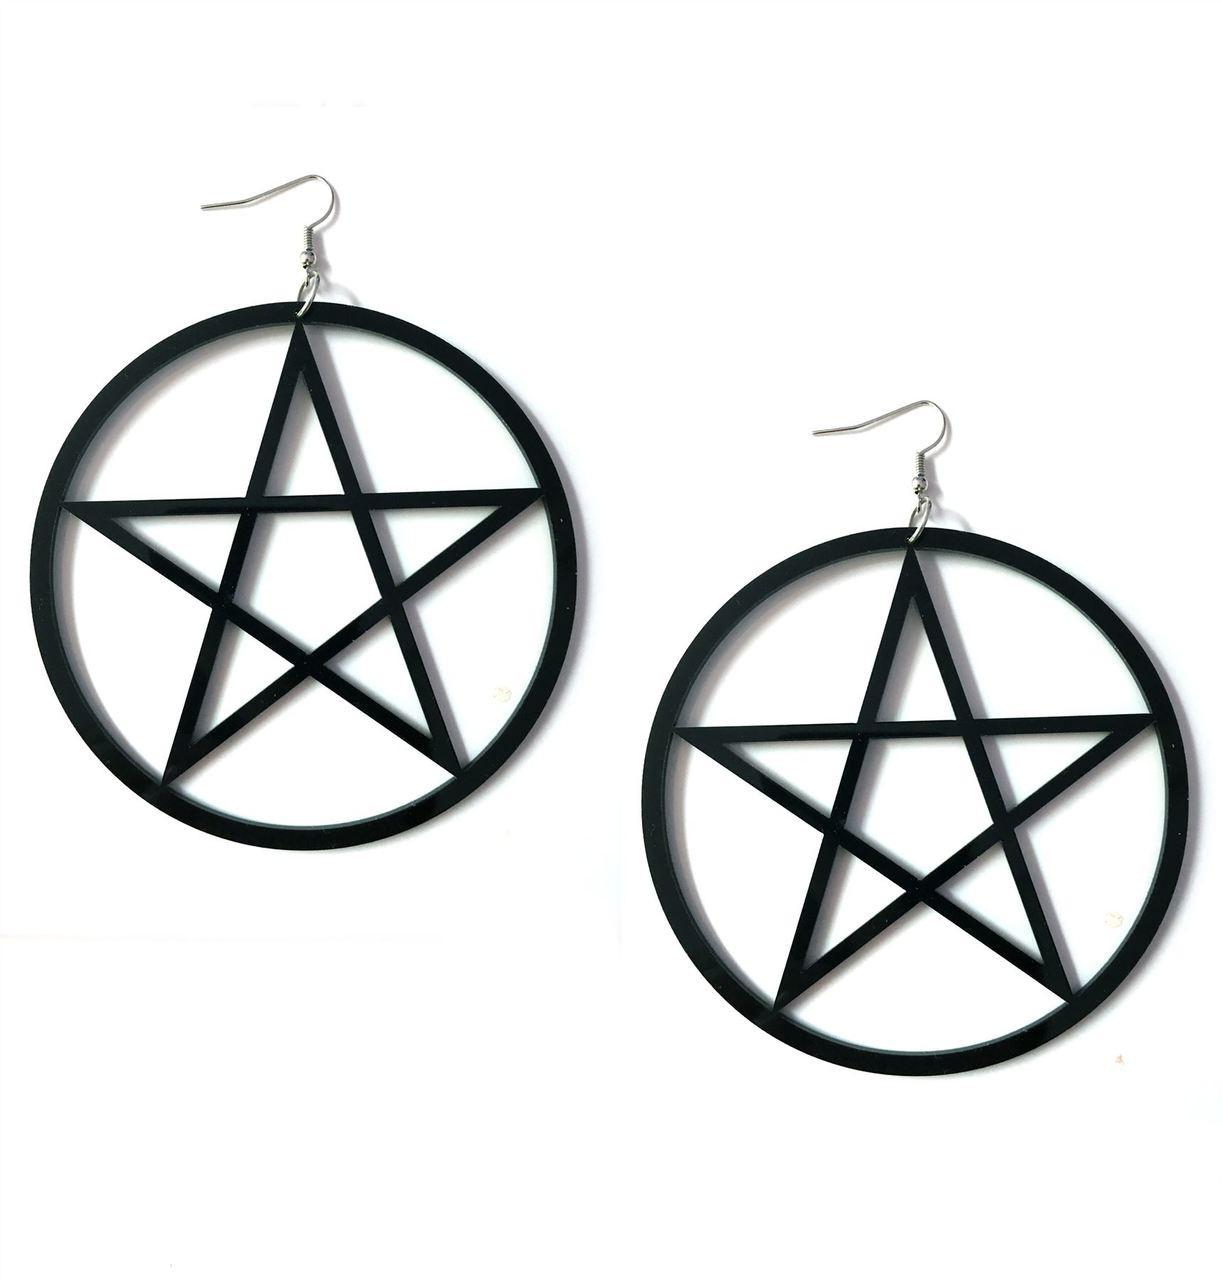 Large Occult Pentagram Earrings Over Sized Gothic BLACK